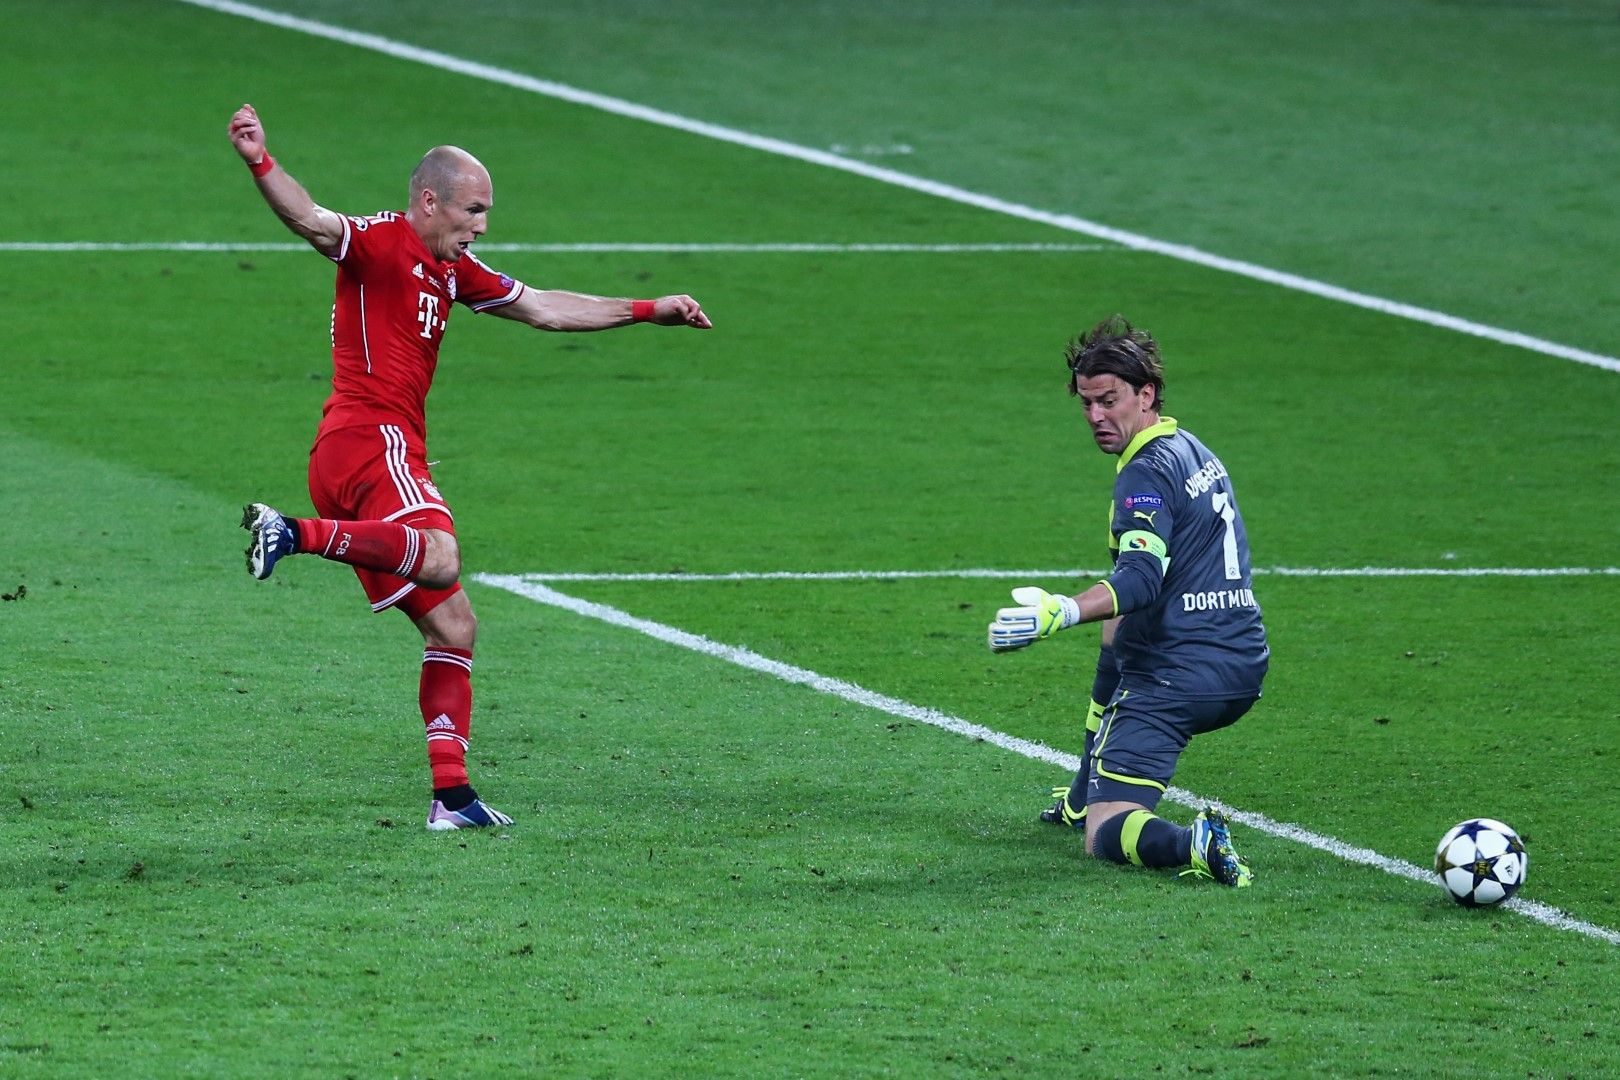 """Моментът на истината - Ариен Робен бележи победно във вратата на Борусия (Дортмунд) на """"Уембли"""" в 89-ата минута. Байерн е шампион на Европа, с което оформя и требъл за сезон 2012-2013 г."""